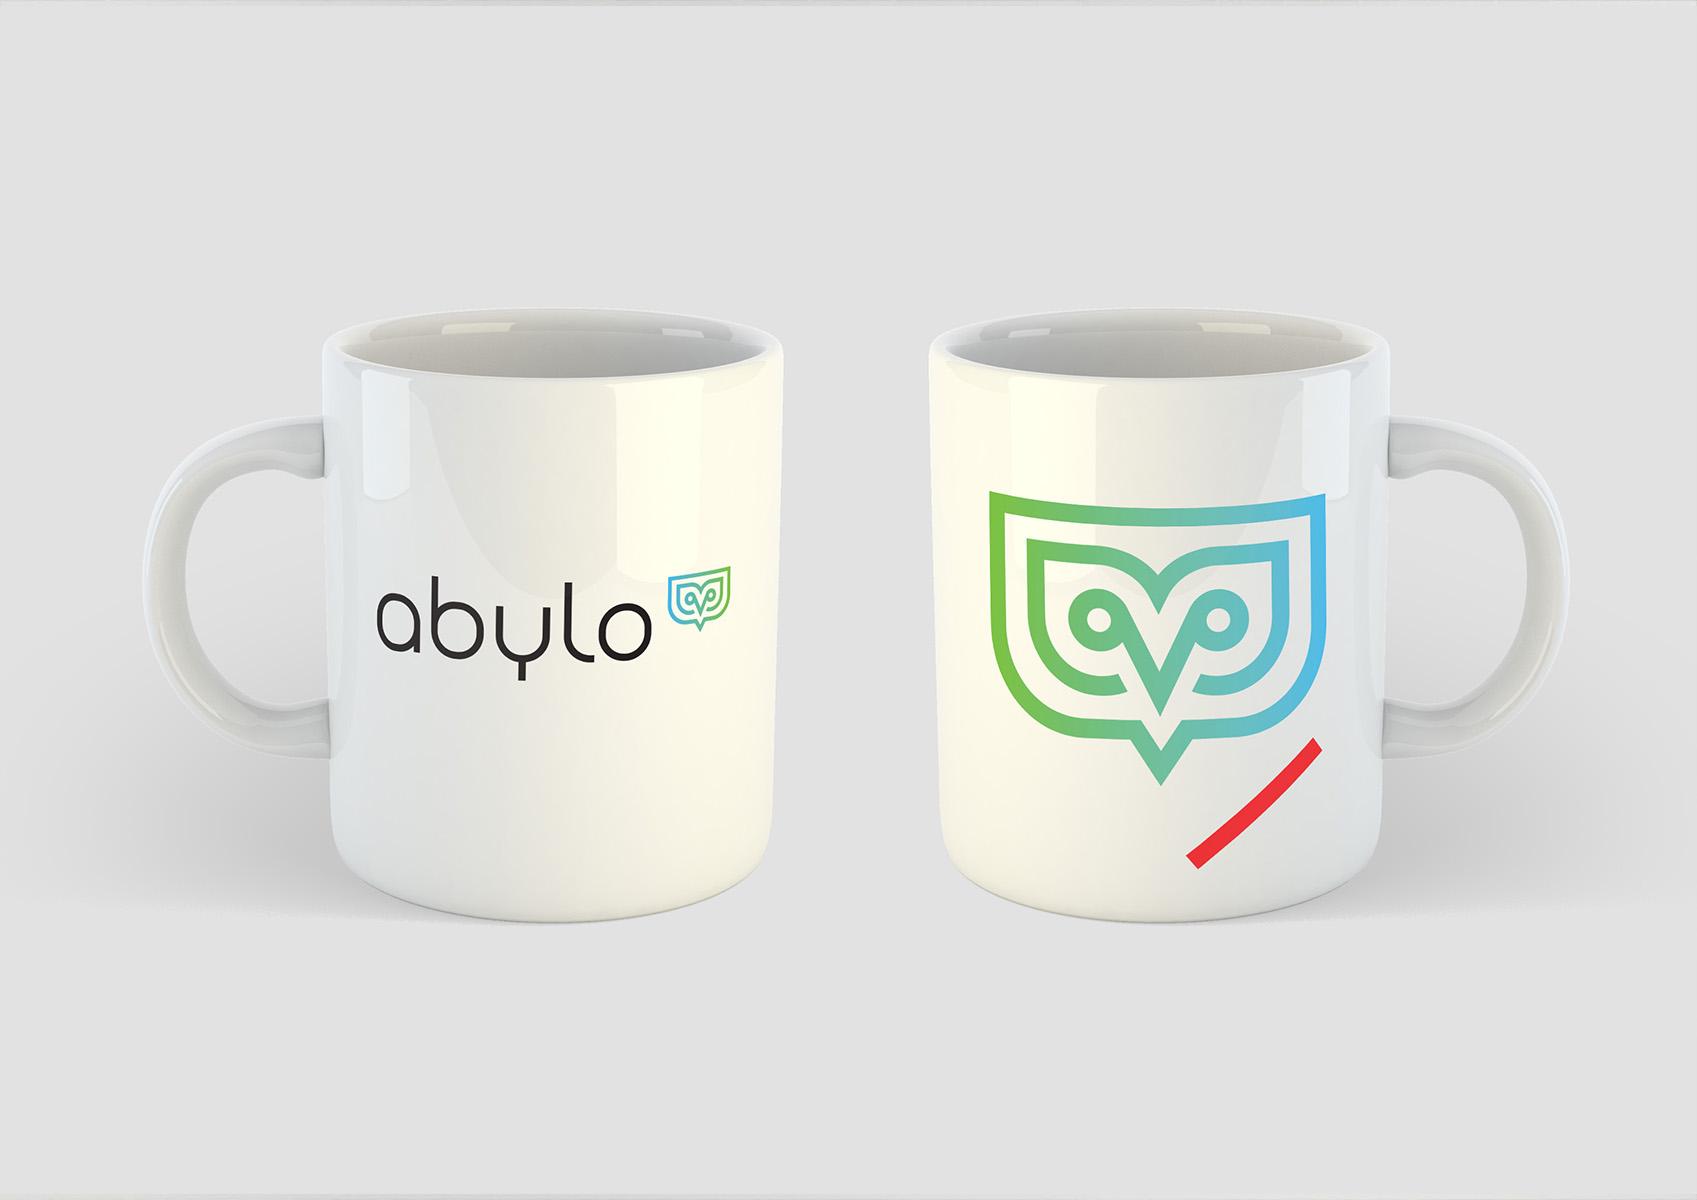 abylo portofolio inoveo cups